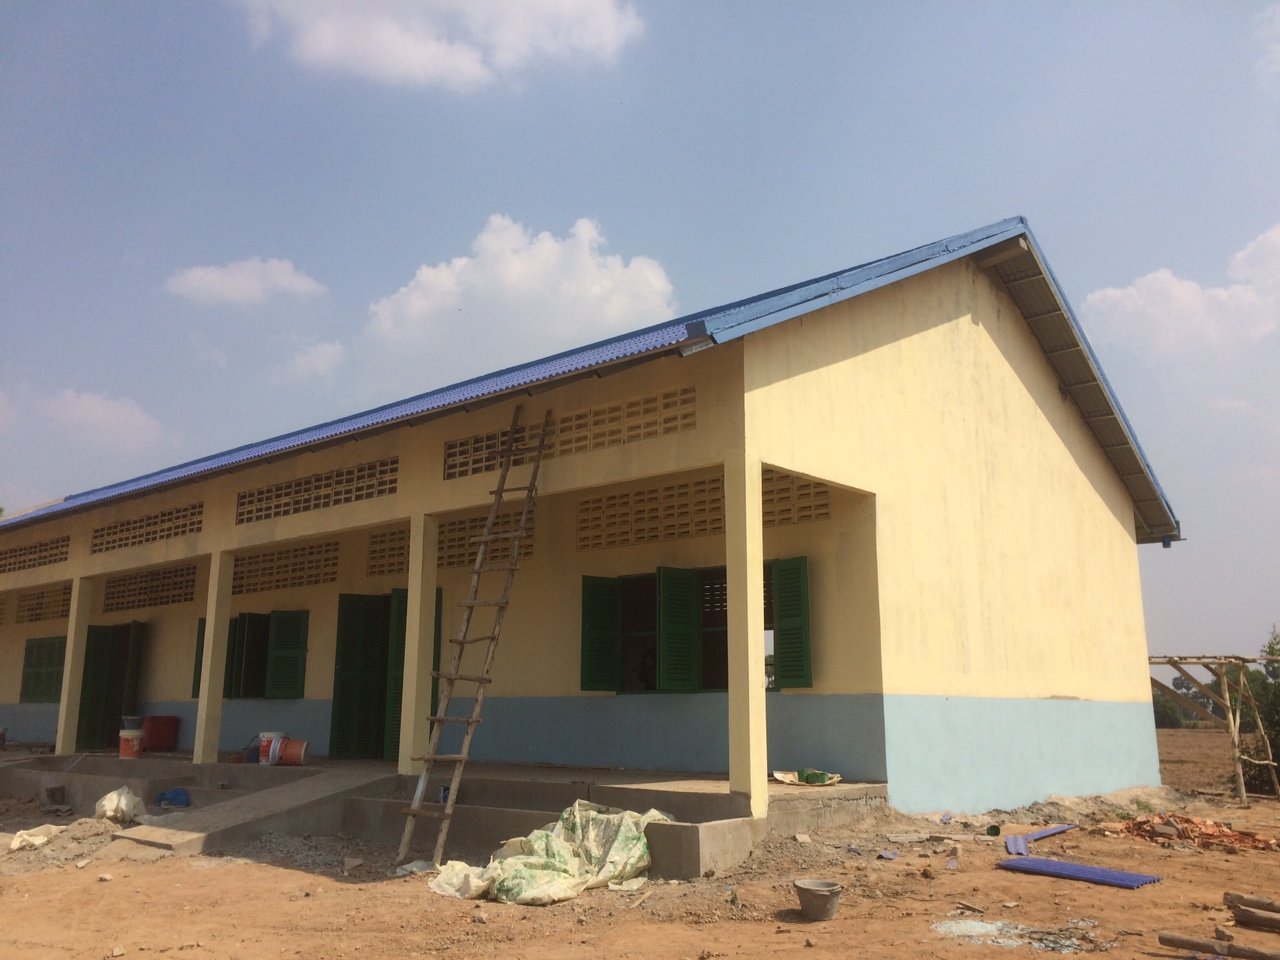 カンボジアの小学校「みらいスクール」開校から一年を終えようとしている今思うこと